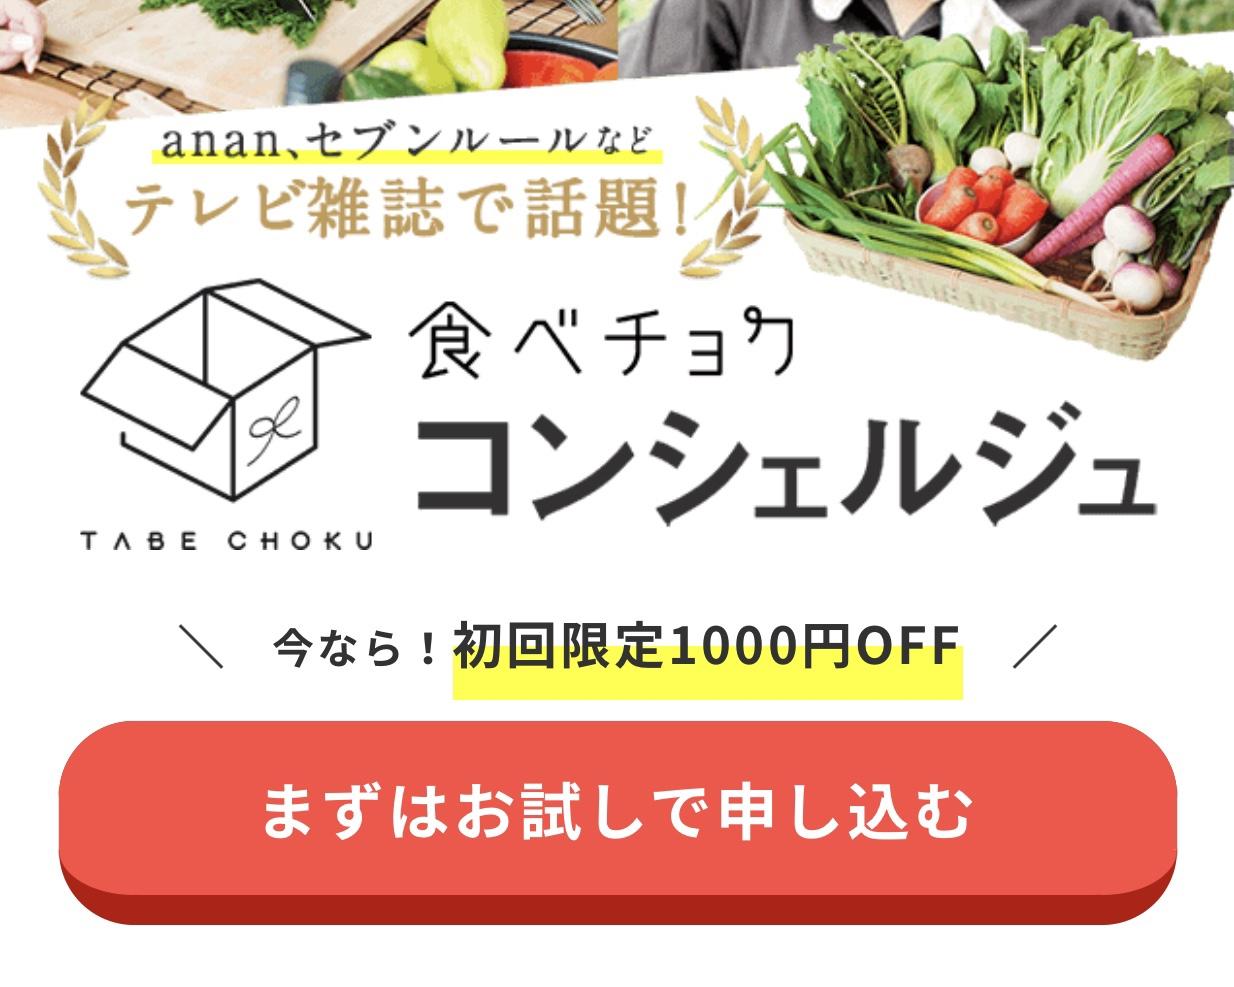 食べチョクコンシェルジュの1000円引きクーポン